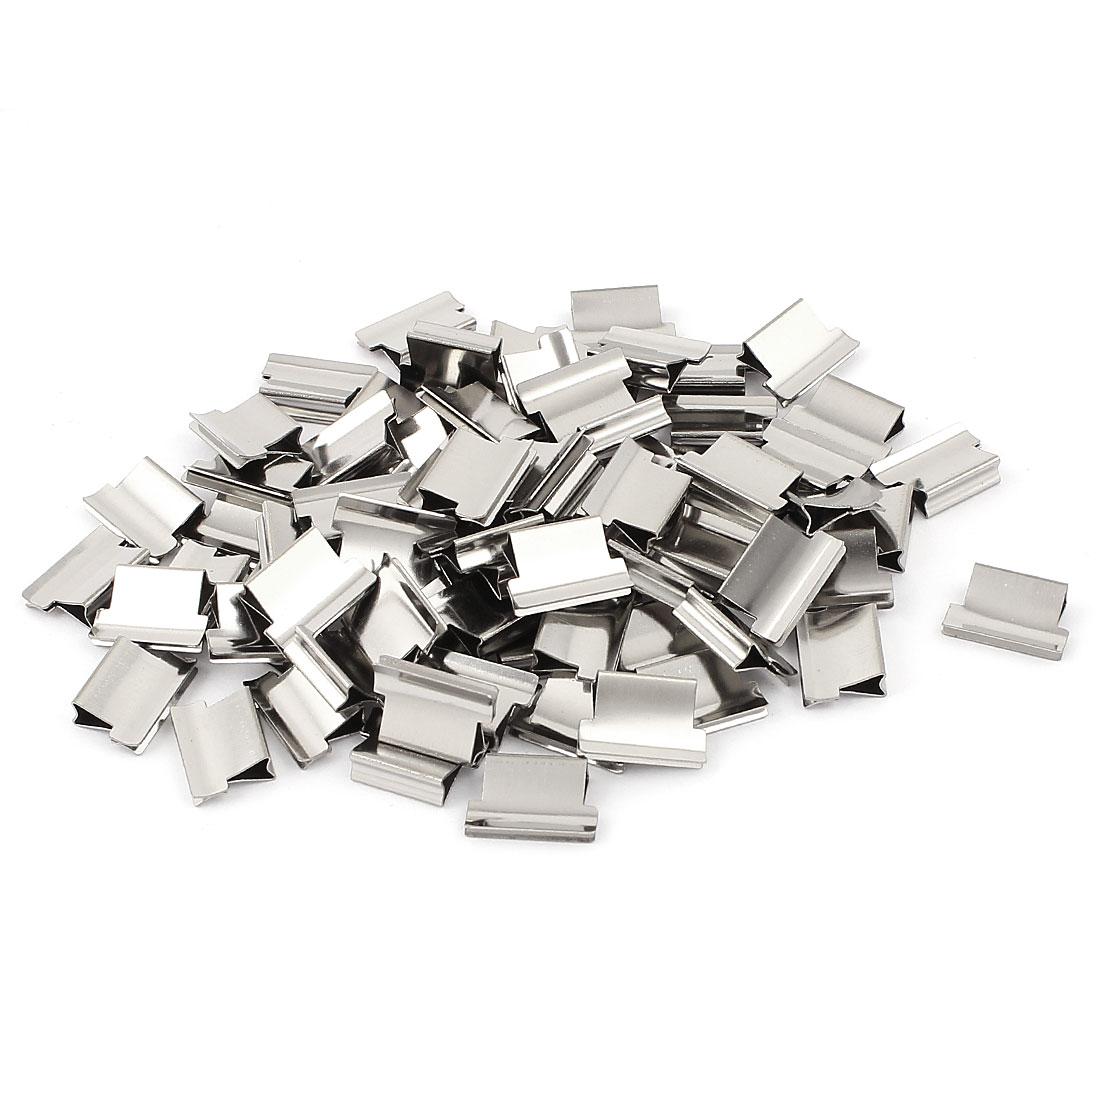 Office Metal Paper Fastener Binding Clam Staple Stapler Clip Dispenser 80 Pcs